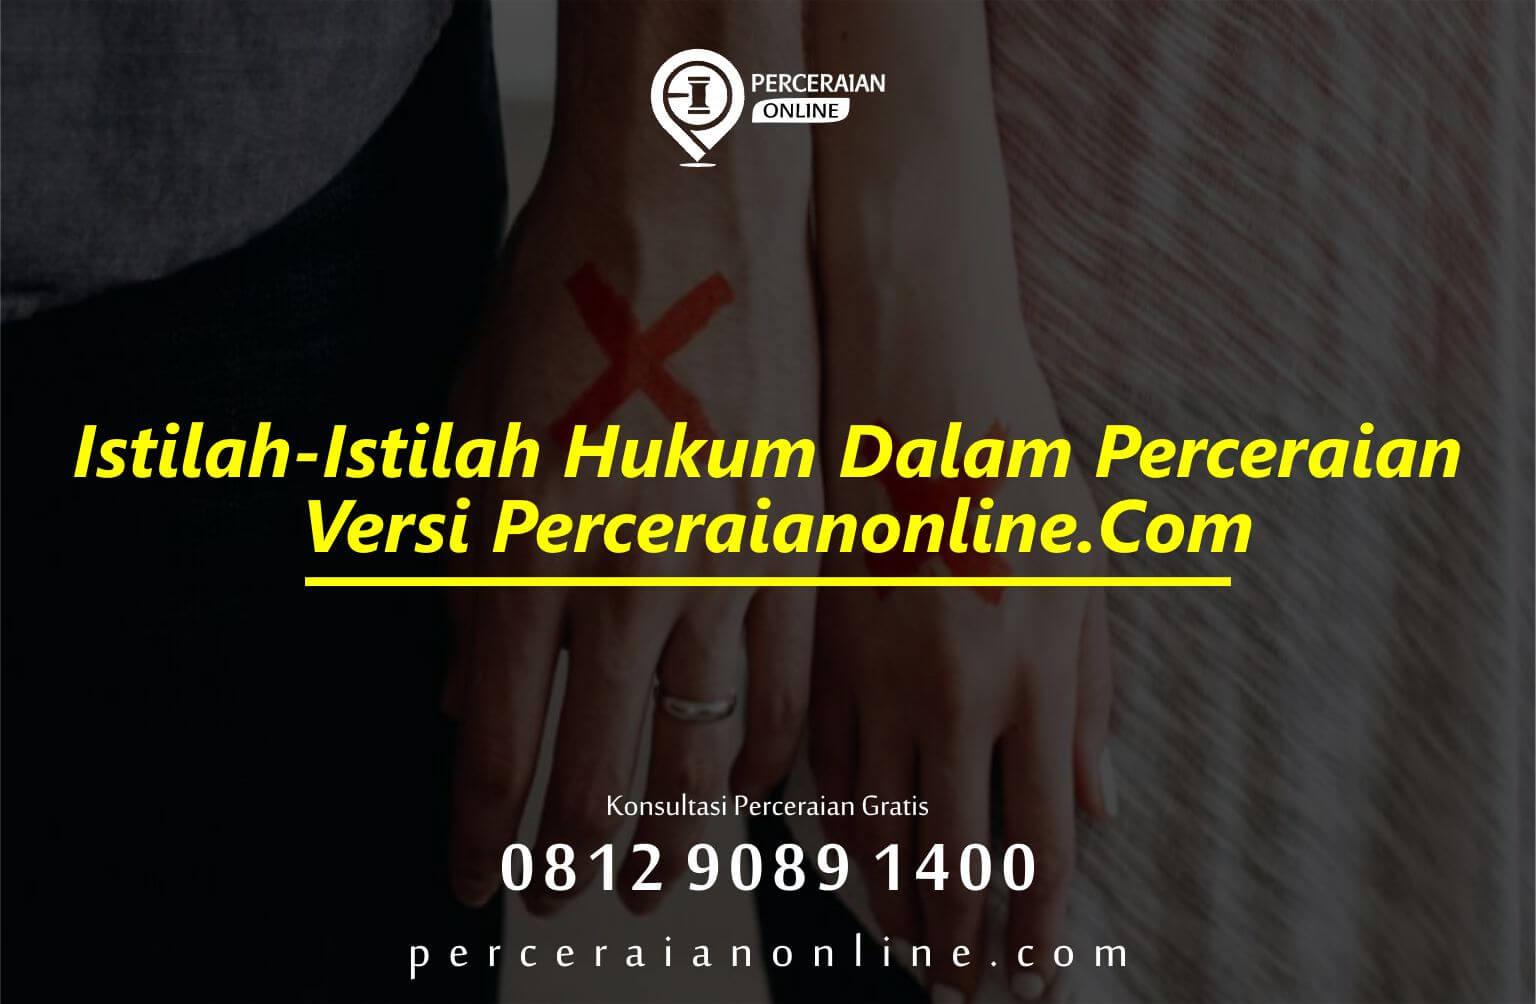 Istilah Istilah Hukum Dalam Perceraian Versi Perceraianonline. Com